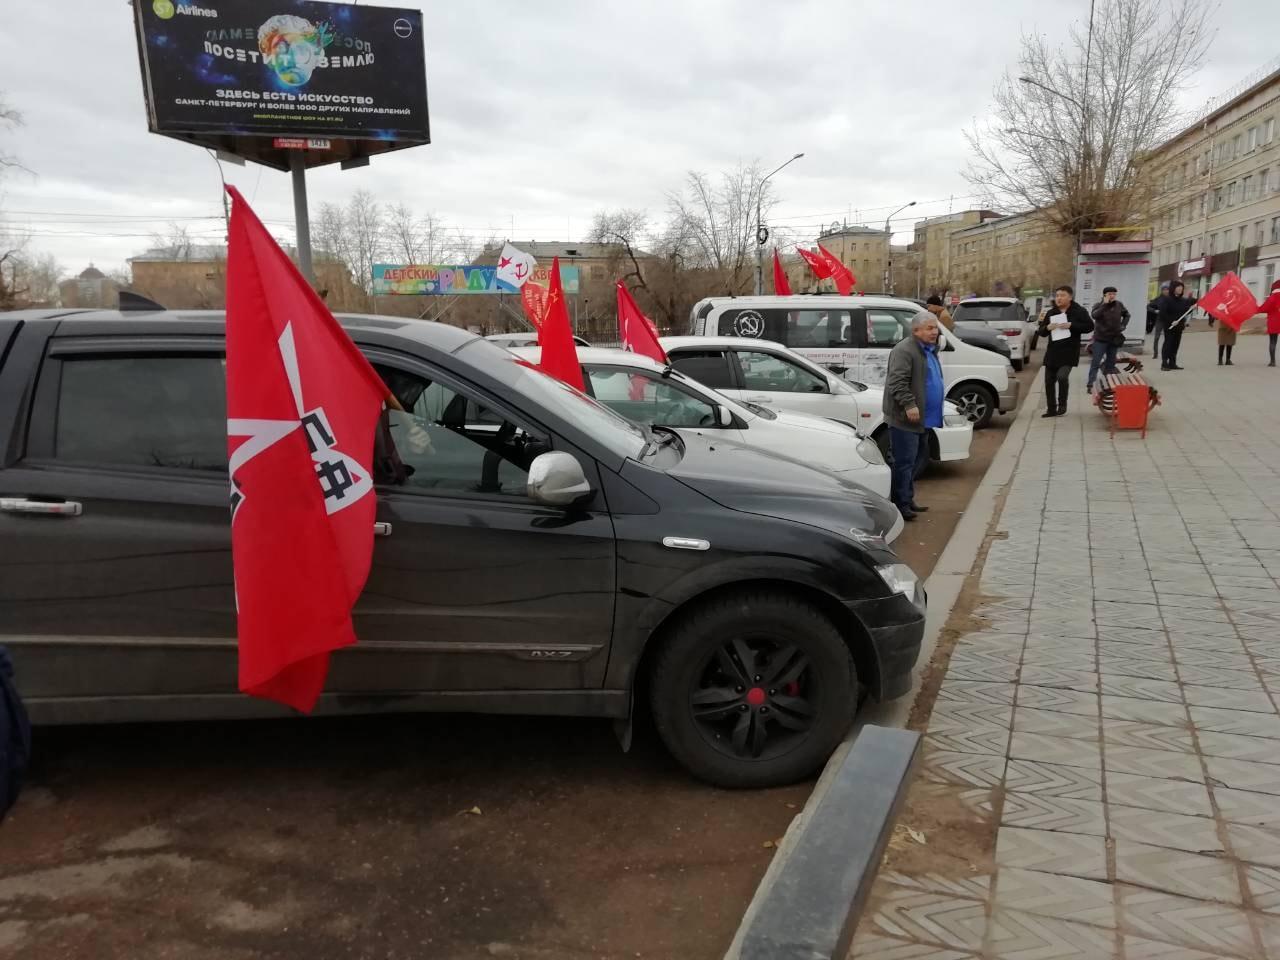 Улан-Удэ: Автопробег в честь 100-летия комсомола